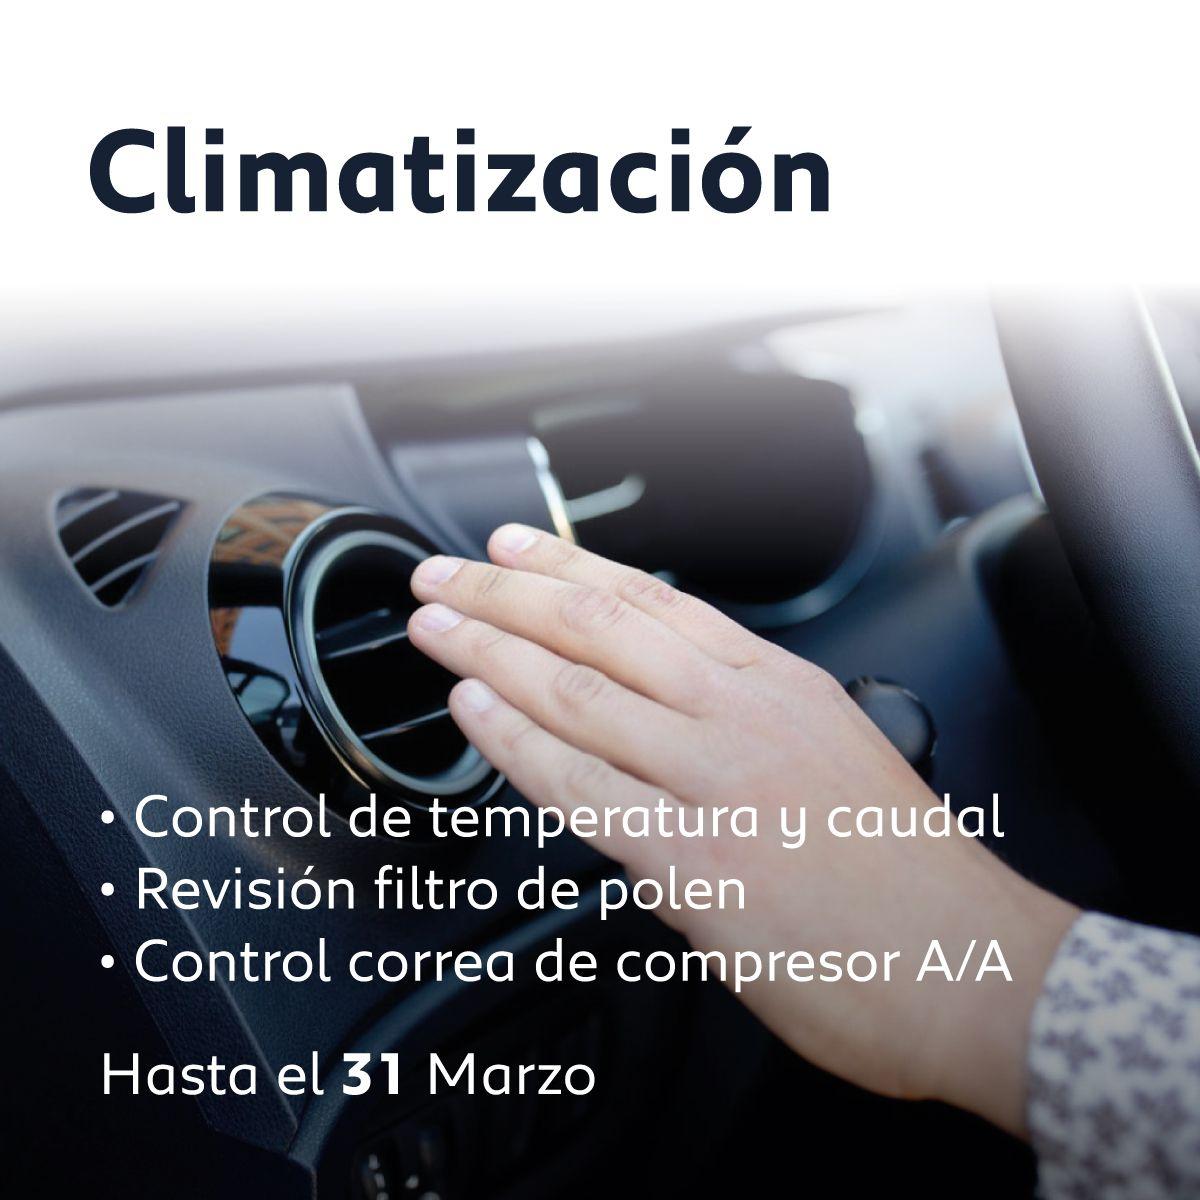 Campaña climatización